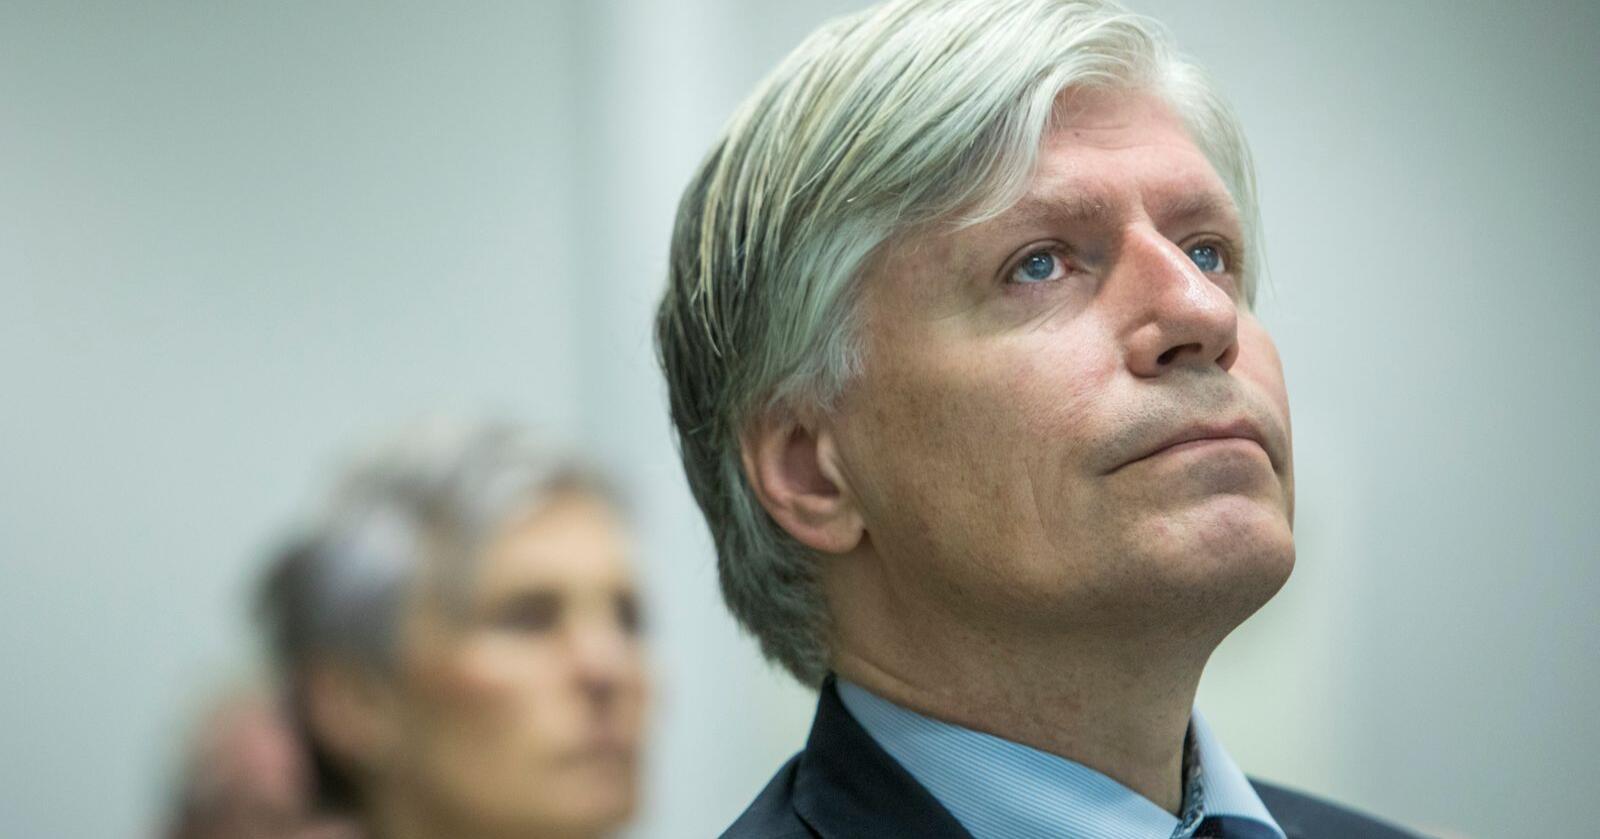 Klima- og miljøminister Ola Elvestuen (V) har opprettholdt Rovviltnemndenes vedtak for lisensfelling av ulv utenfor ulvesona. Foto: Ole Berg-Rusten / NTB scanpix